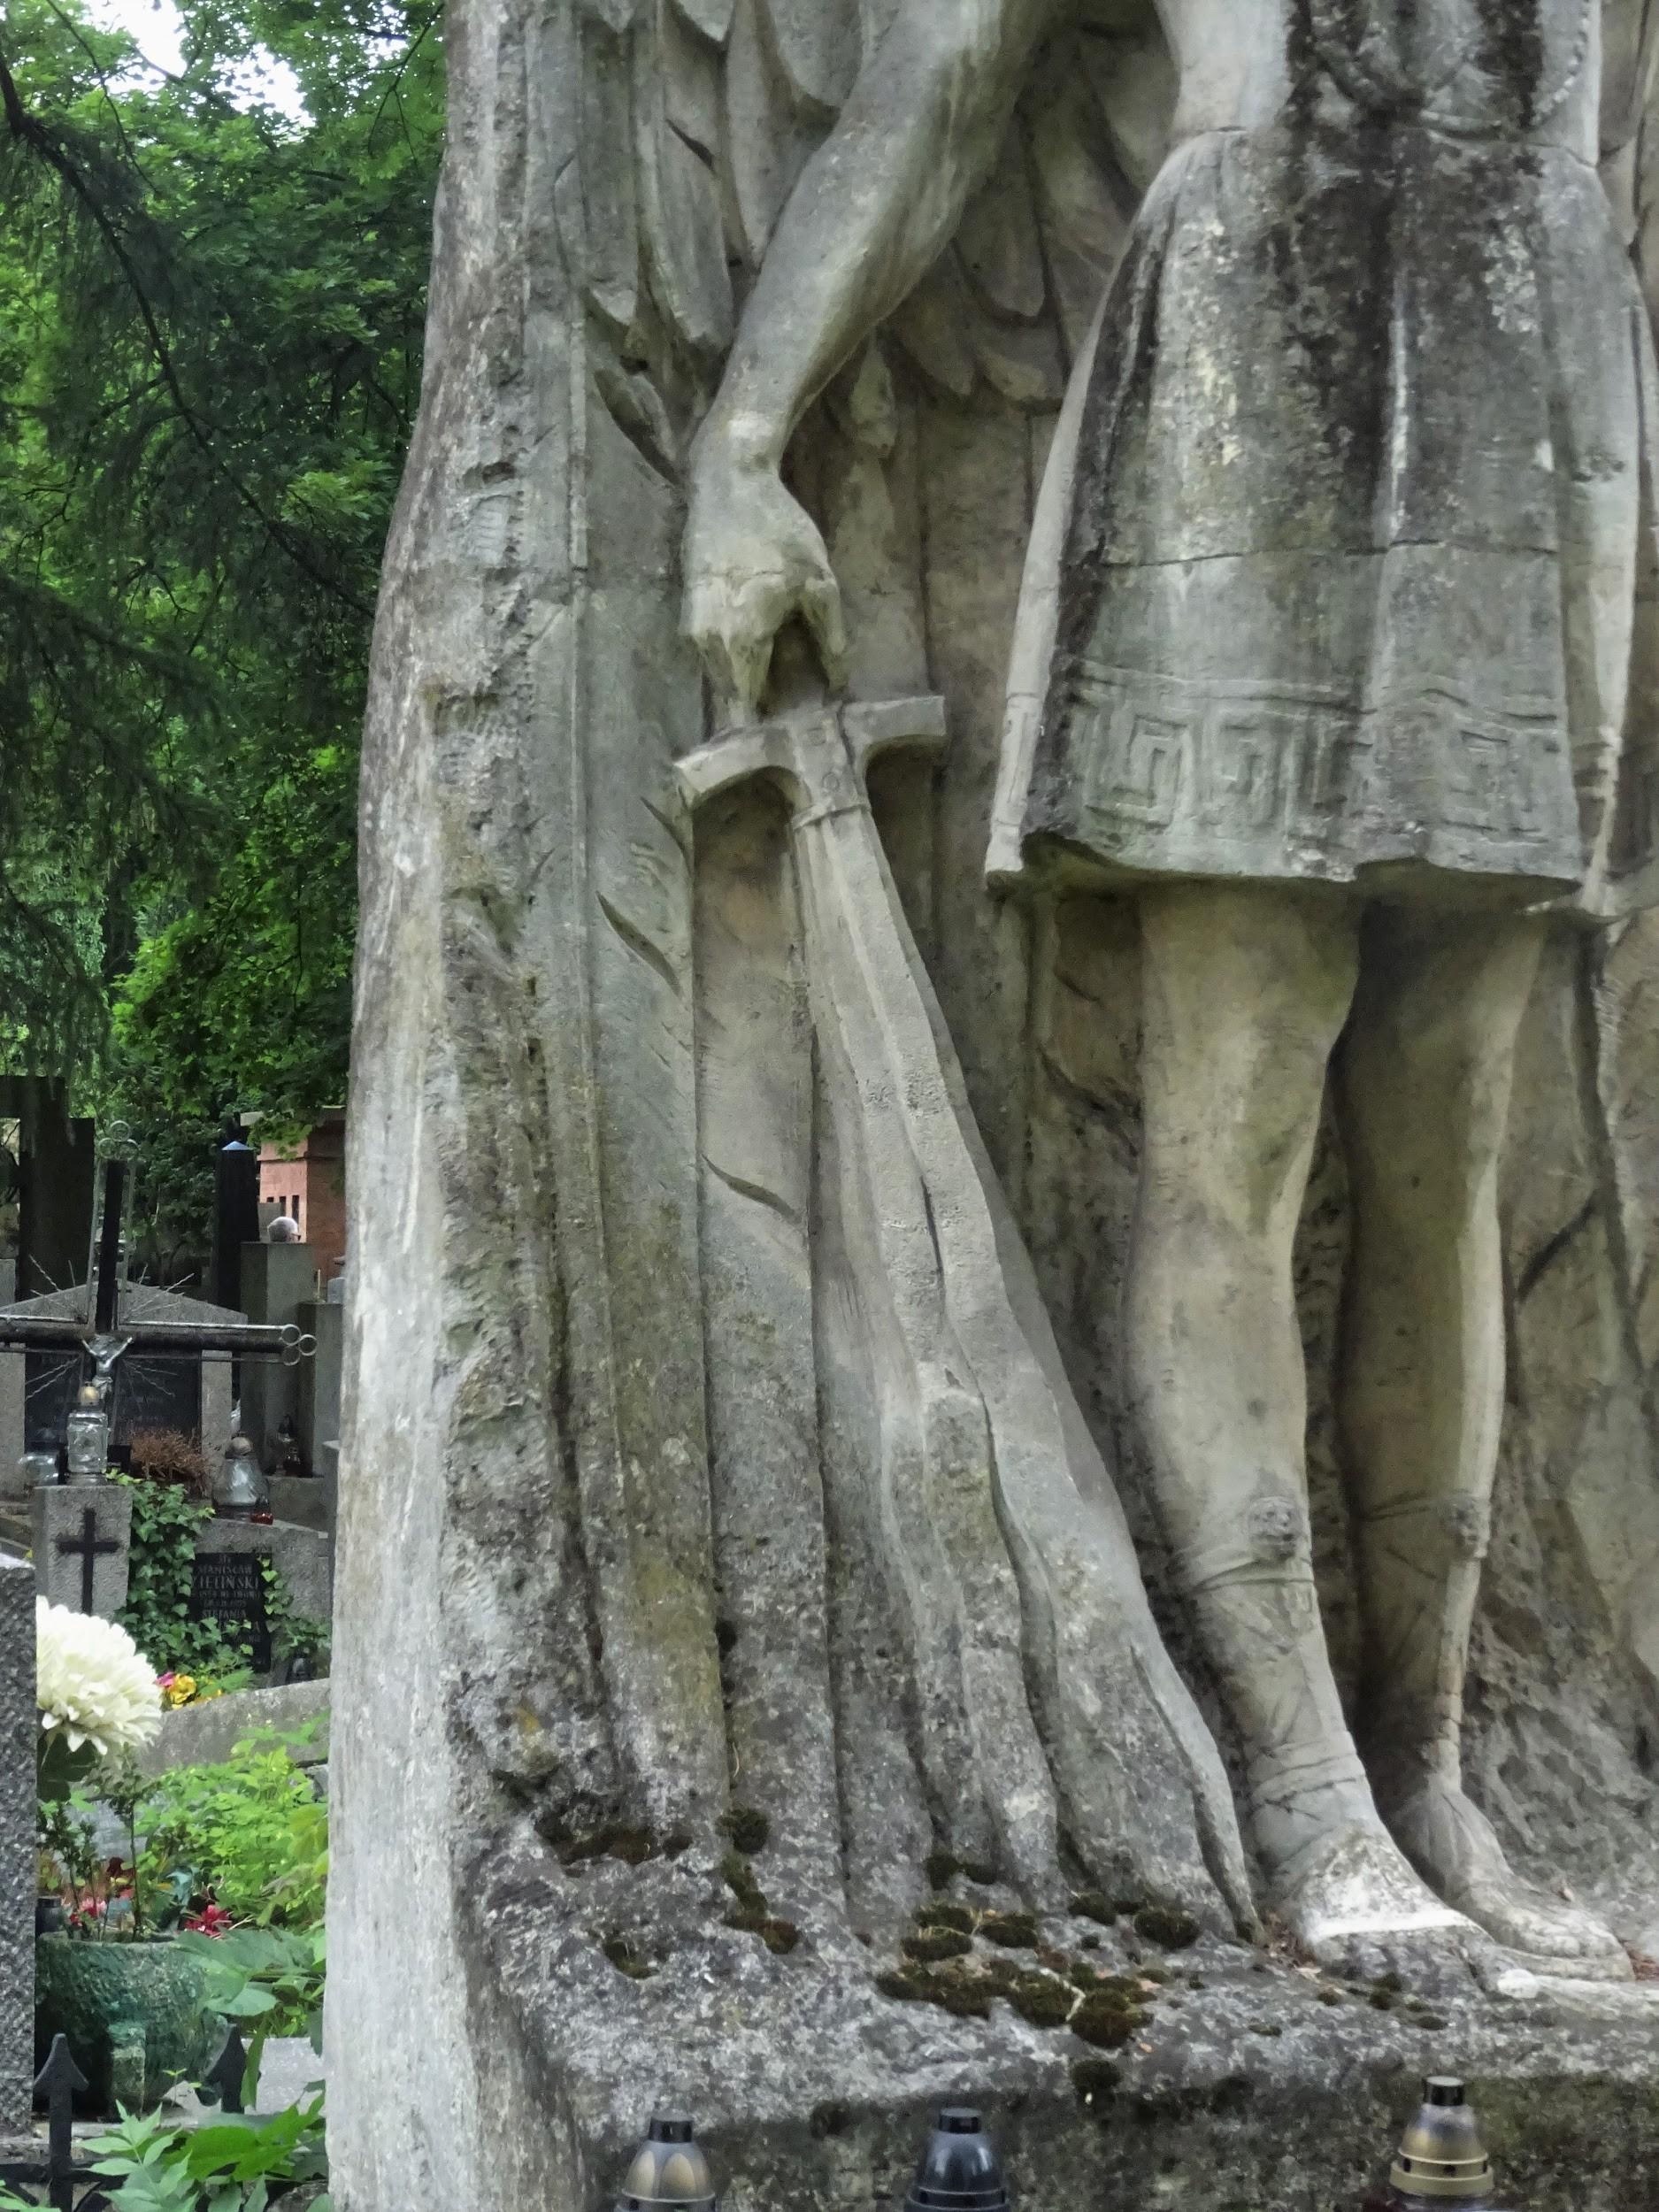 CmentarzRakowicki-Krakow-CityBreak-06